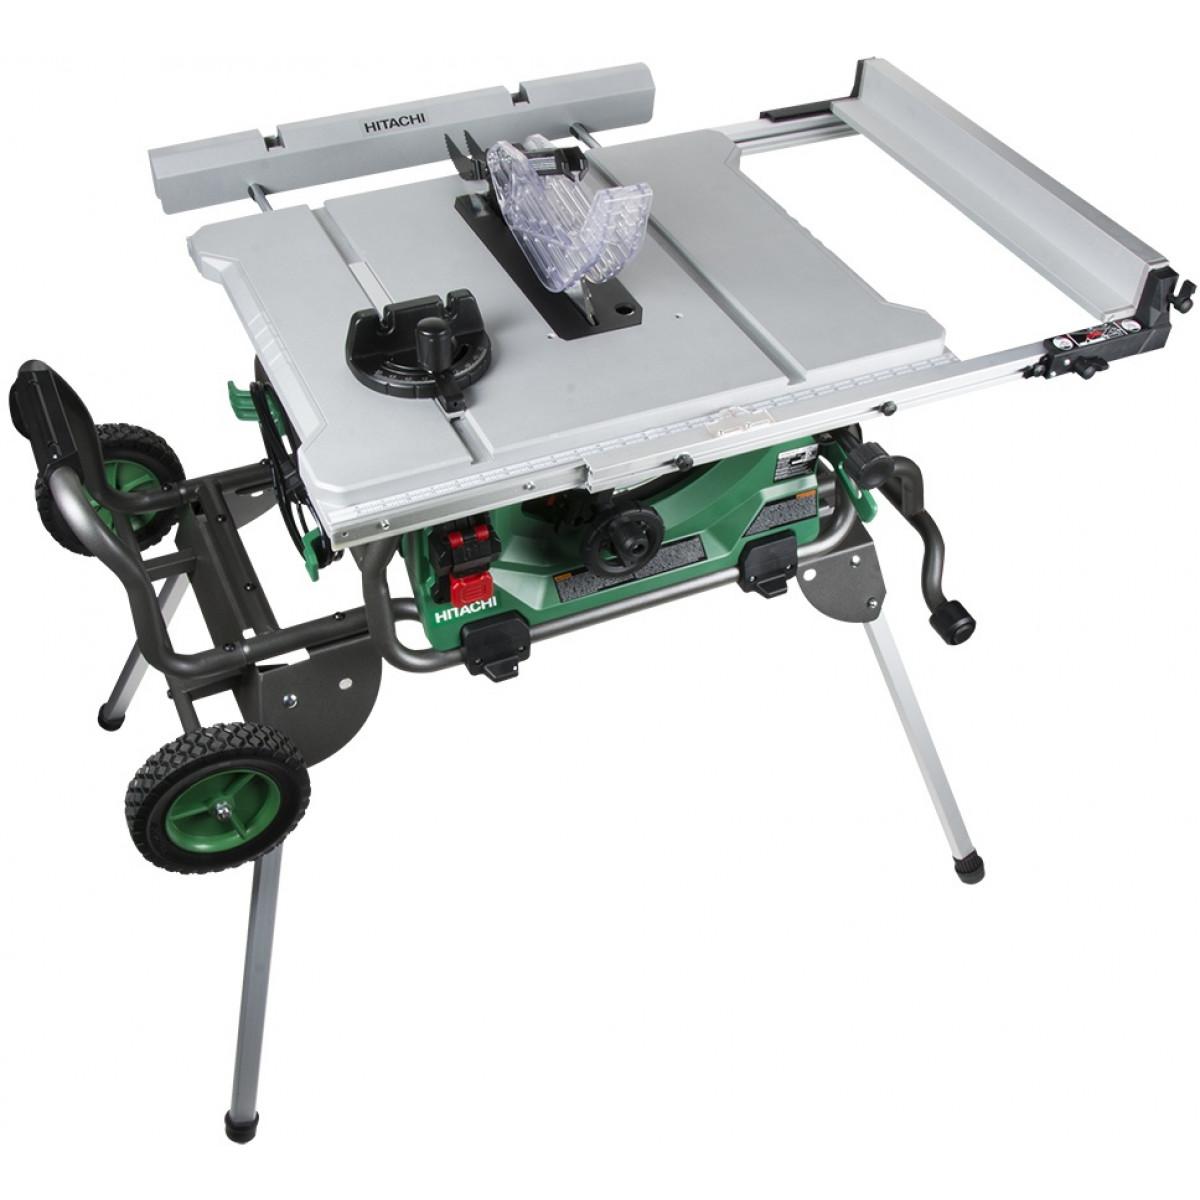 Hitachi C10RJ Table-Saw